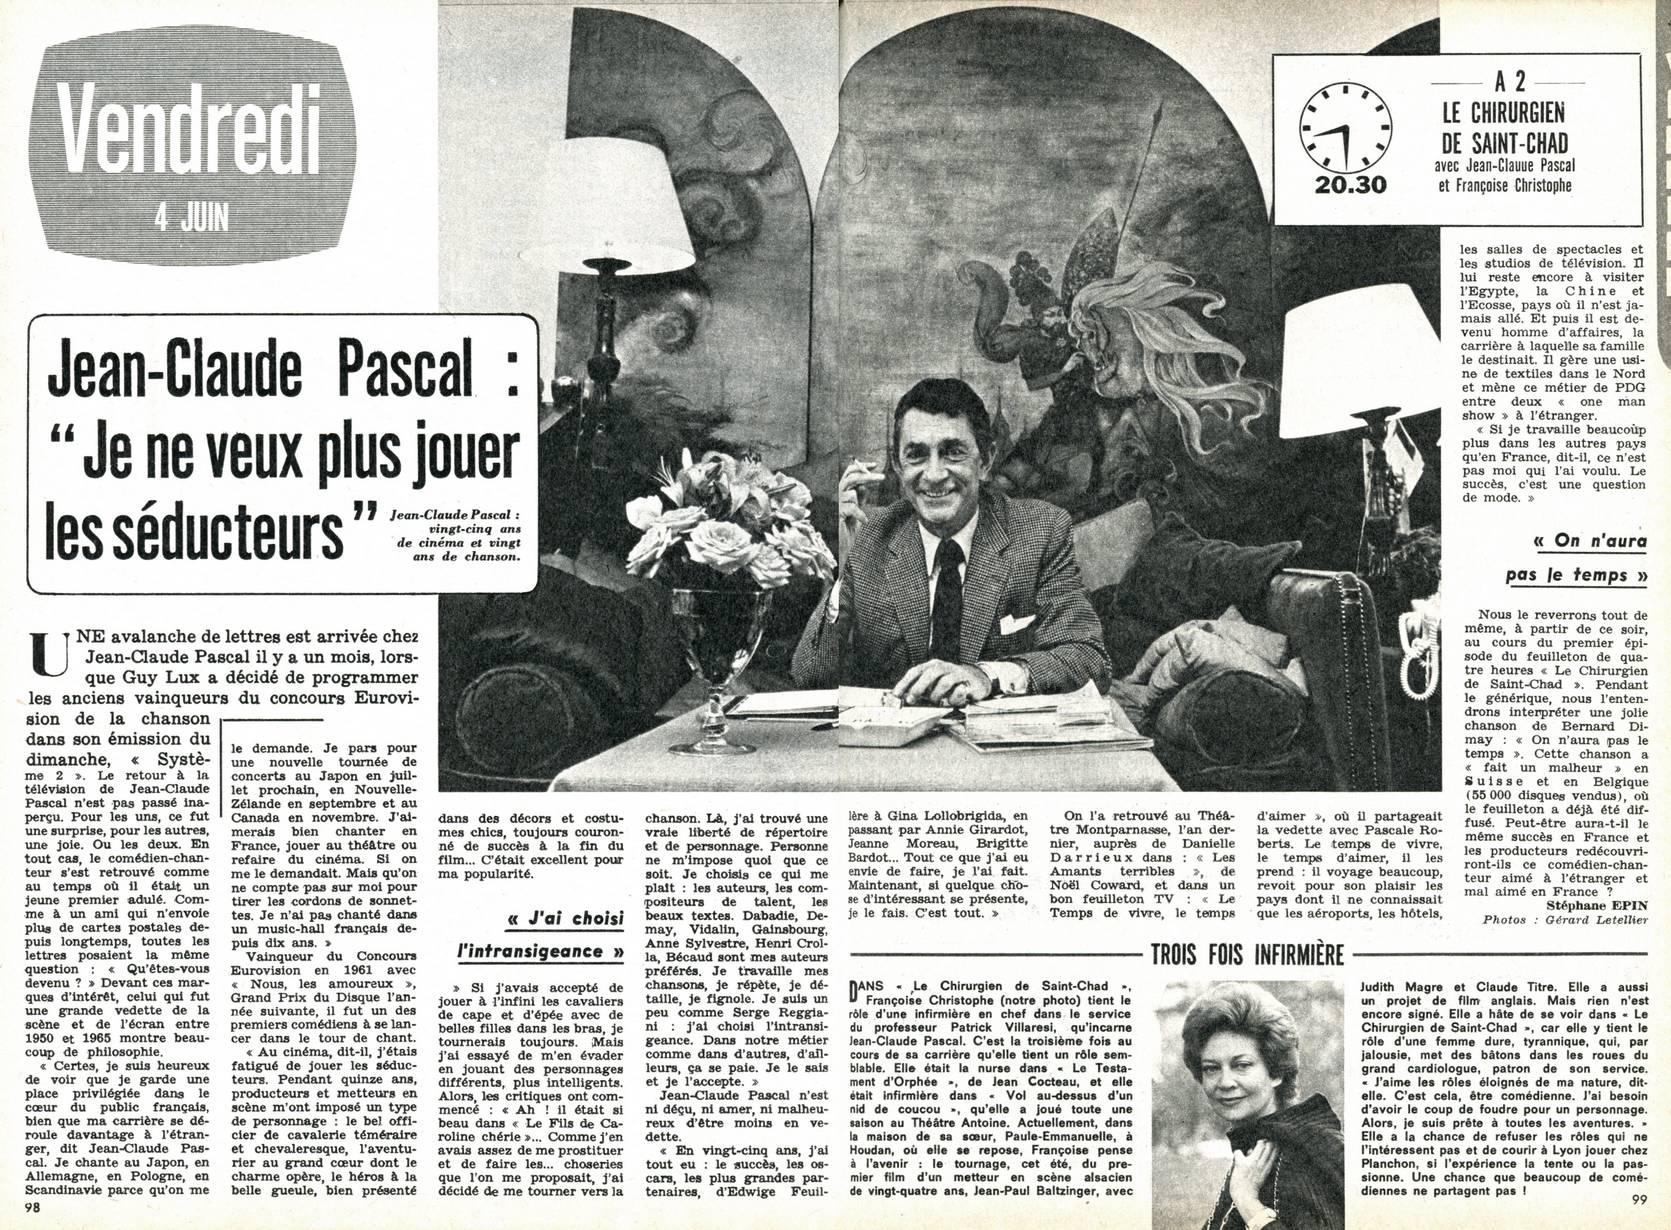 LE DE CHAD SAINT CHIRURGIEN TÉLÉCHARGER